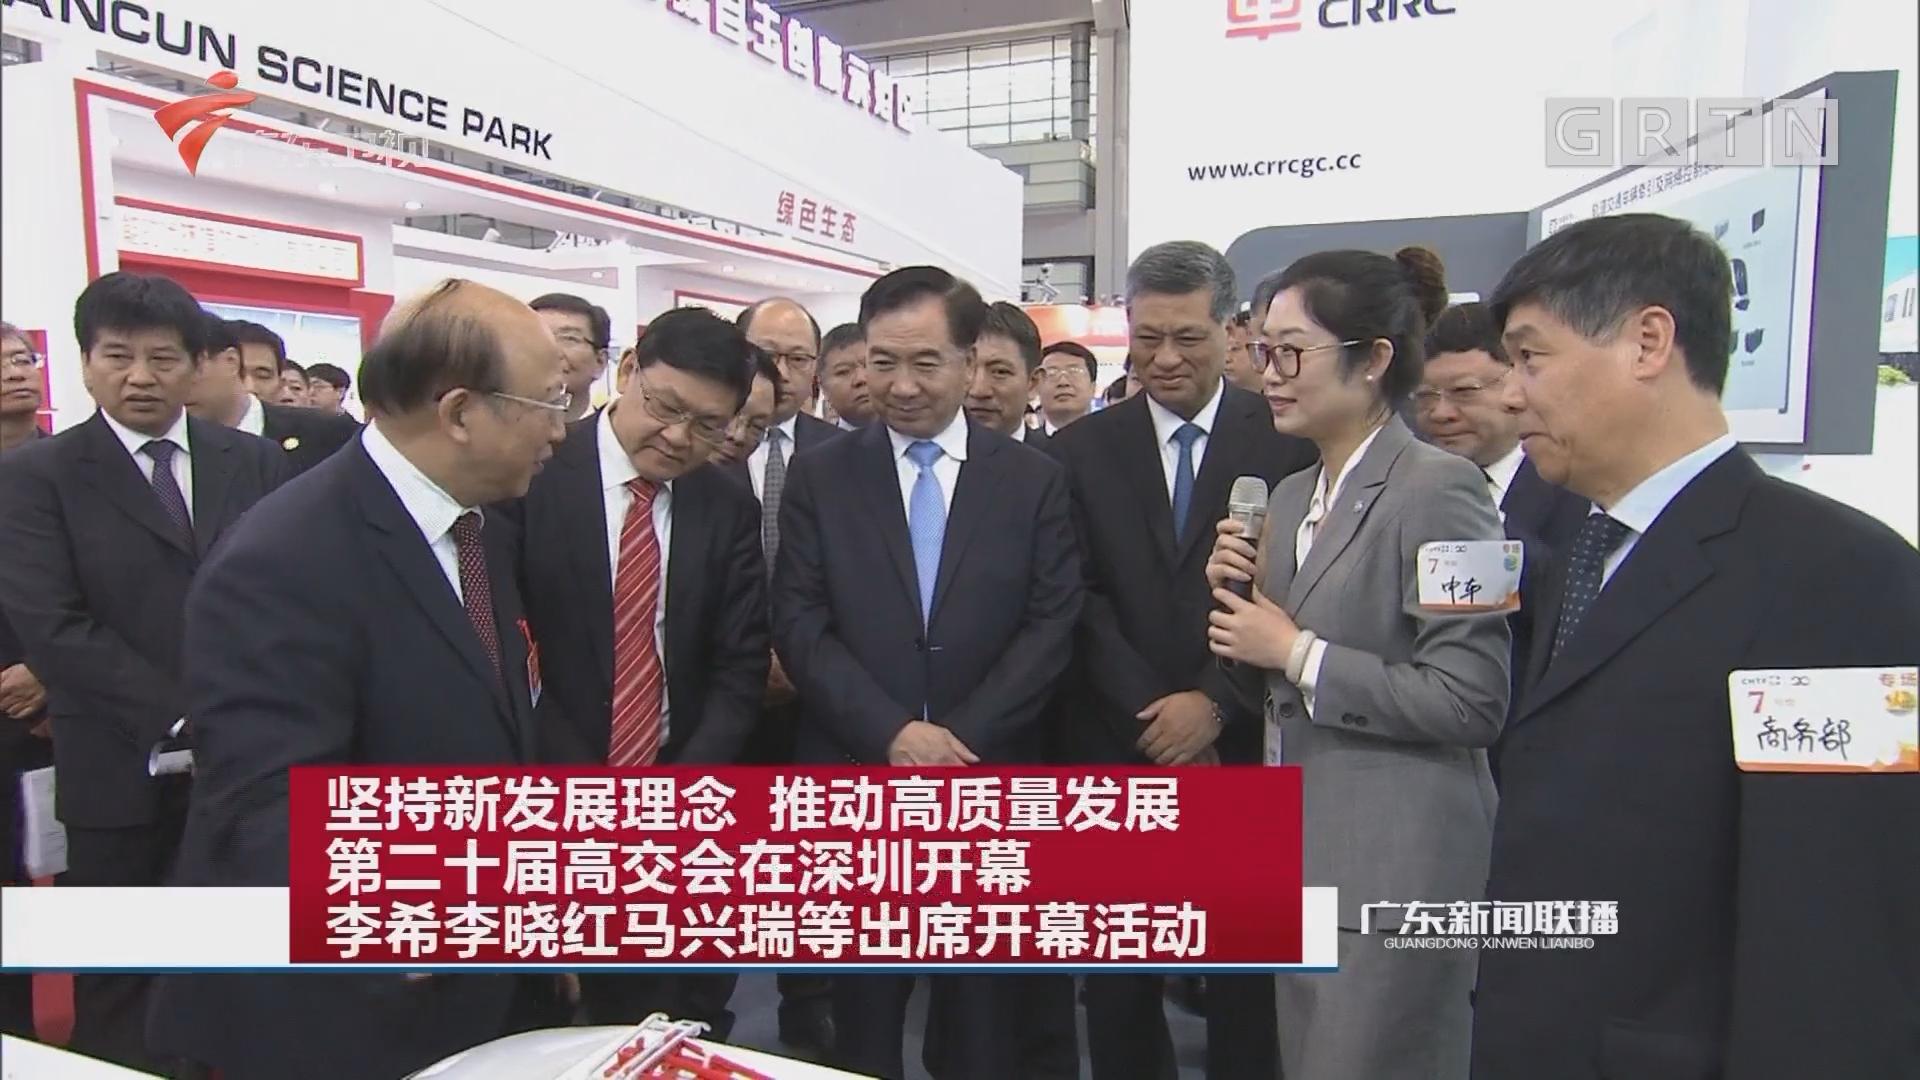 第二十届高交会在深圳开幕 李希李晓红马兴瑞等出席开幕活动